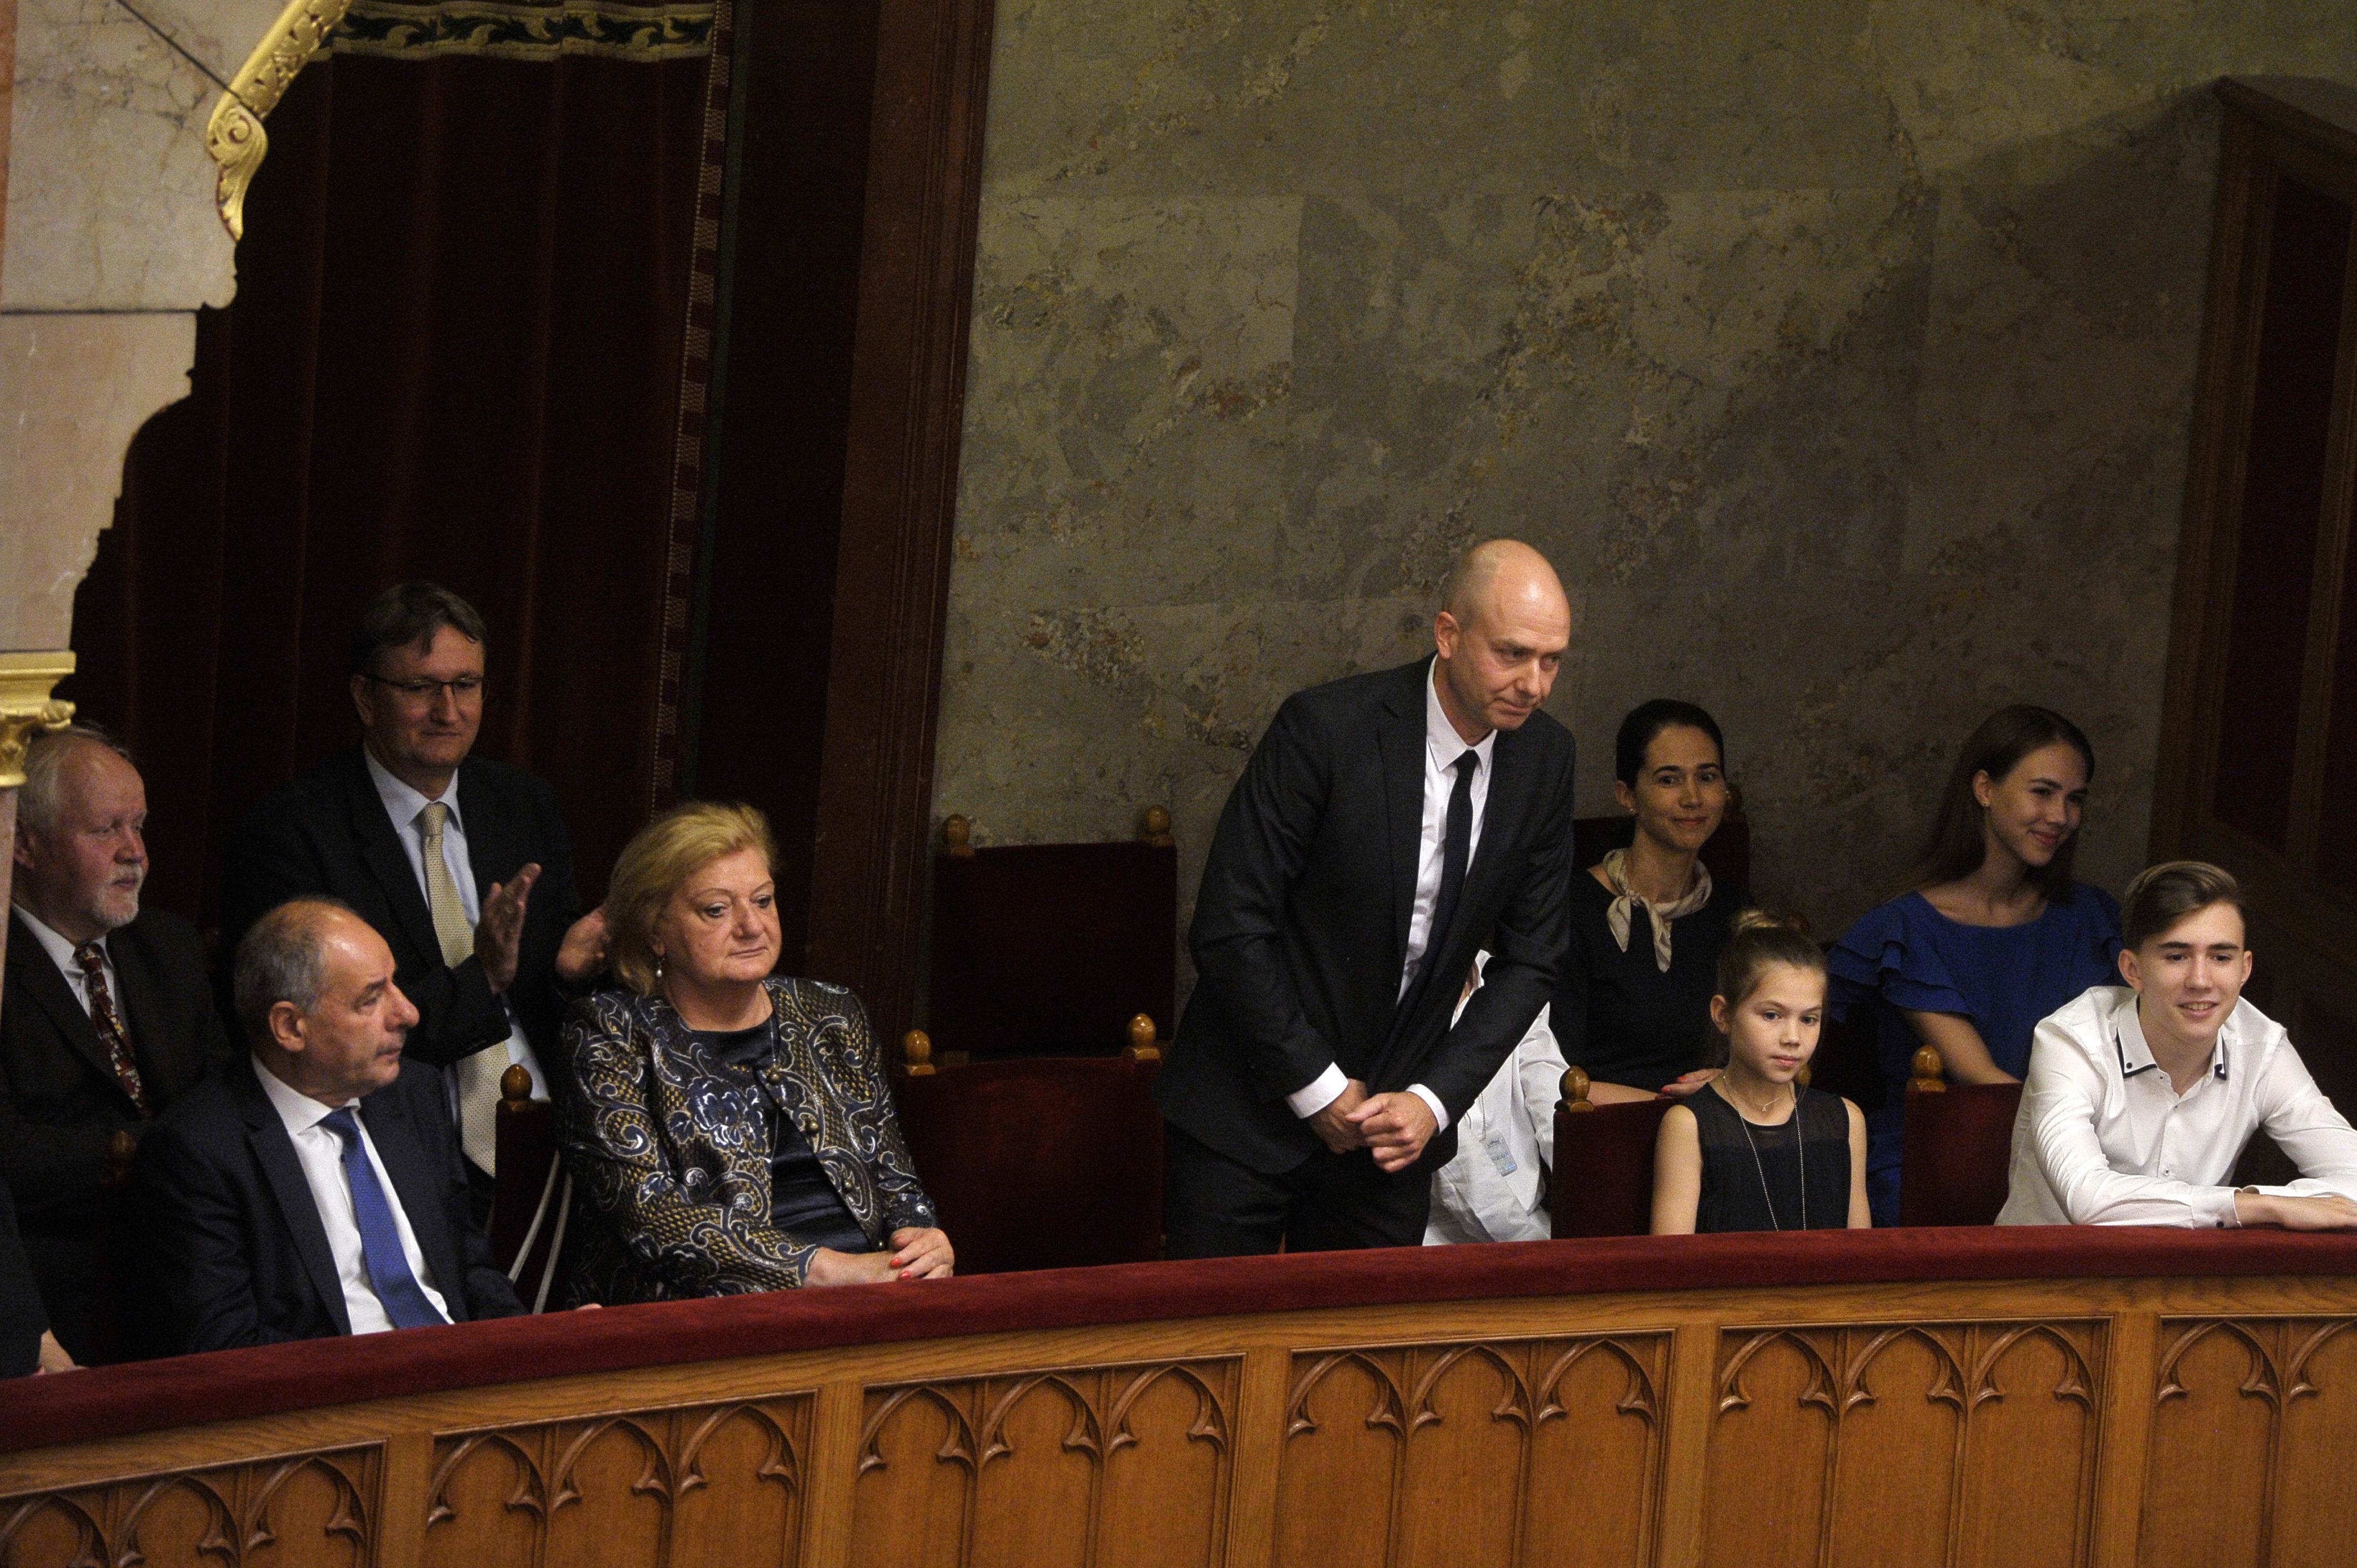 Az alapjogi biztos soron kívüli vizsgálatot indít a győri gyerekgyilkosság ügyében